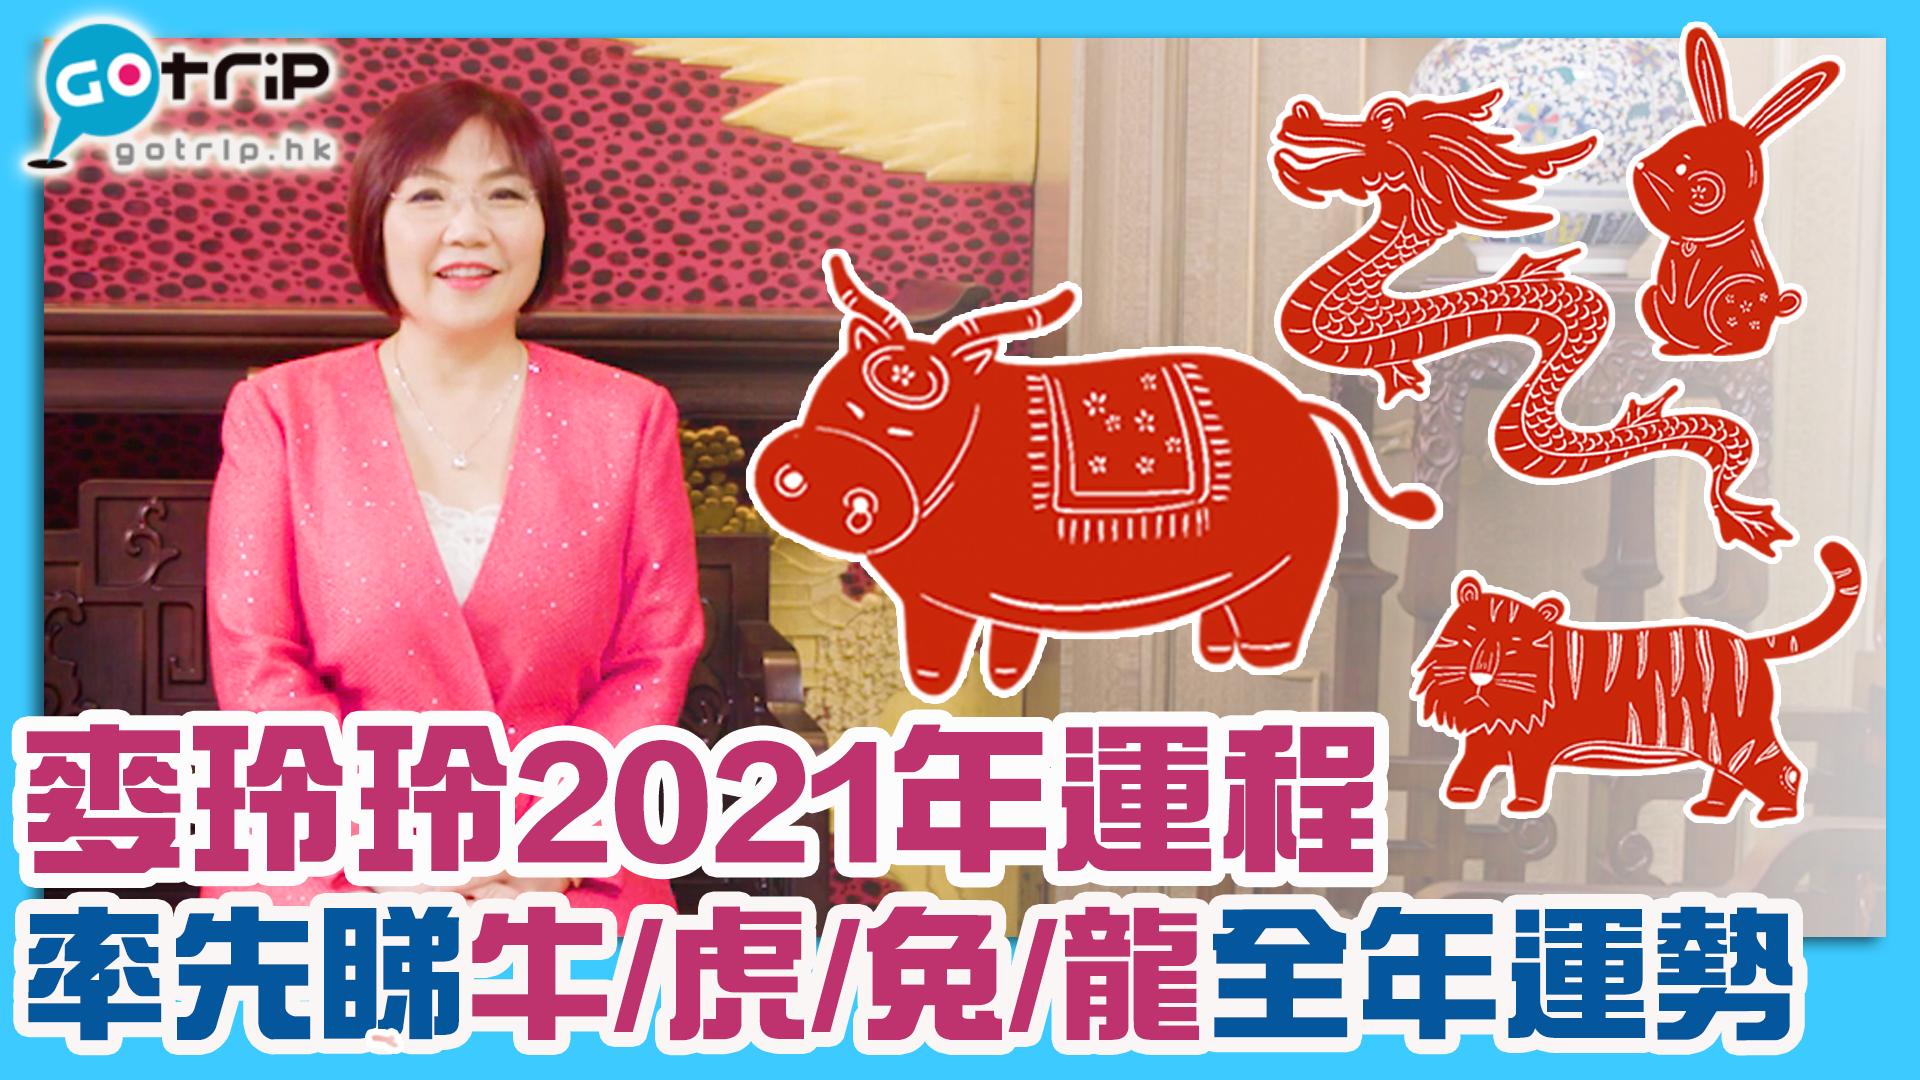 麥玲玲2021年生肖運程 牛/虎/兔/龍運程篇 屬牛如何化解犯太歲?